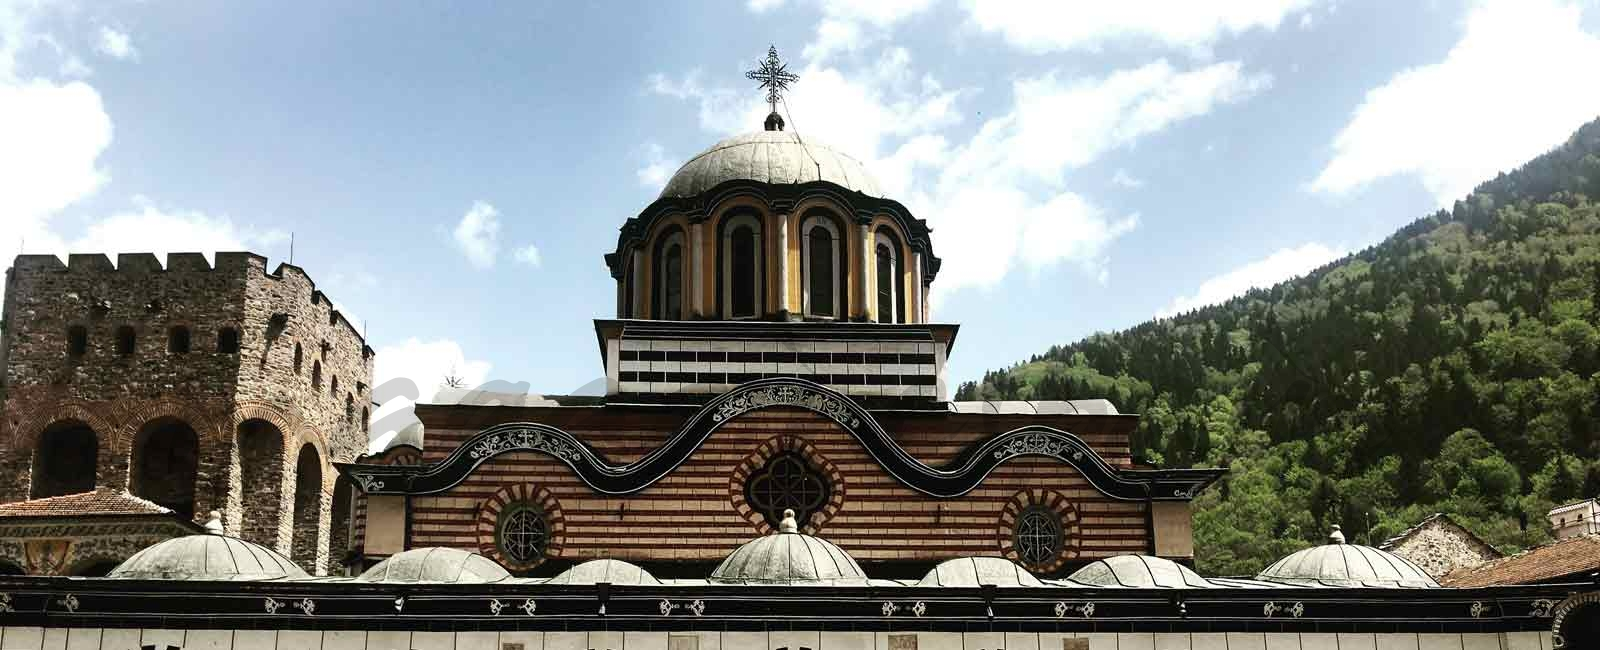 Bulgaria, un destino sorprendente (II): Monasterio de Rila y Plovdiv